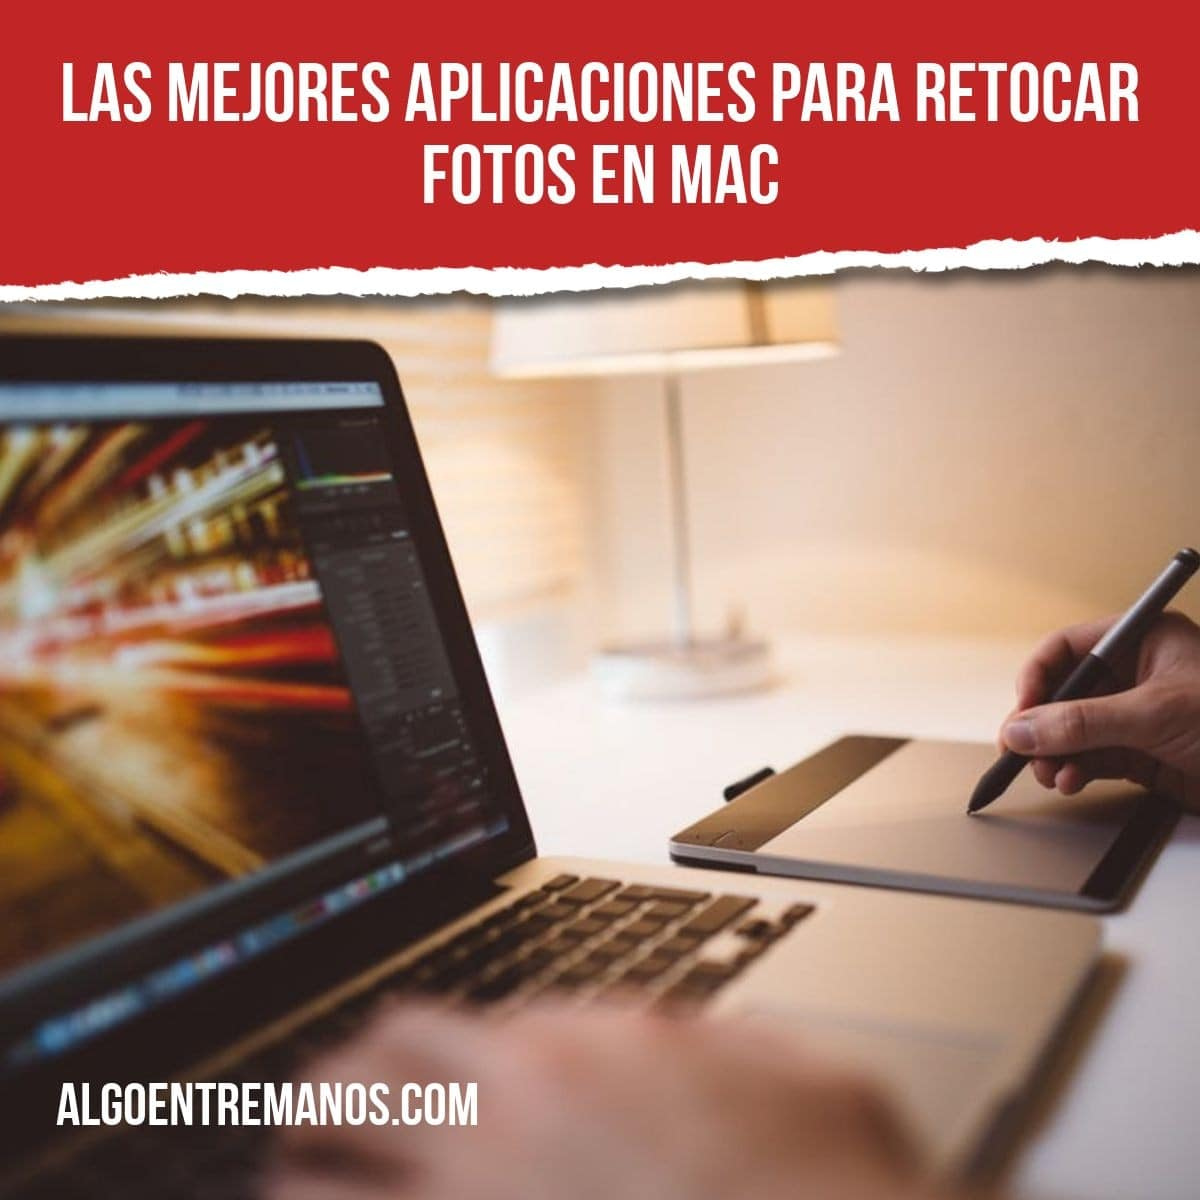 Las mejores aplicaciones para retocar fotos en Mac